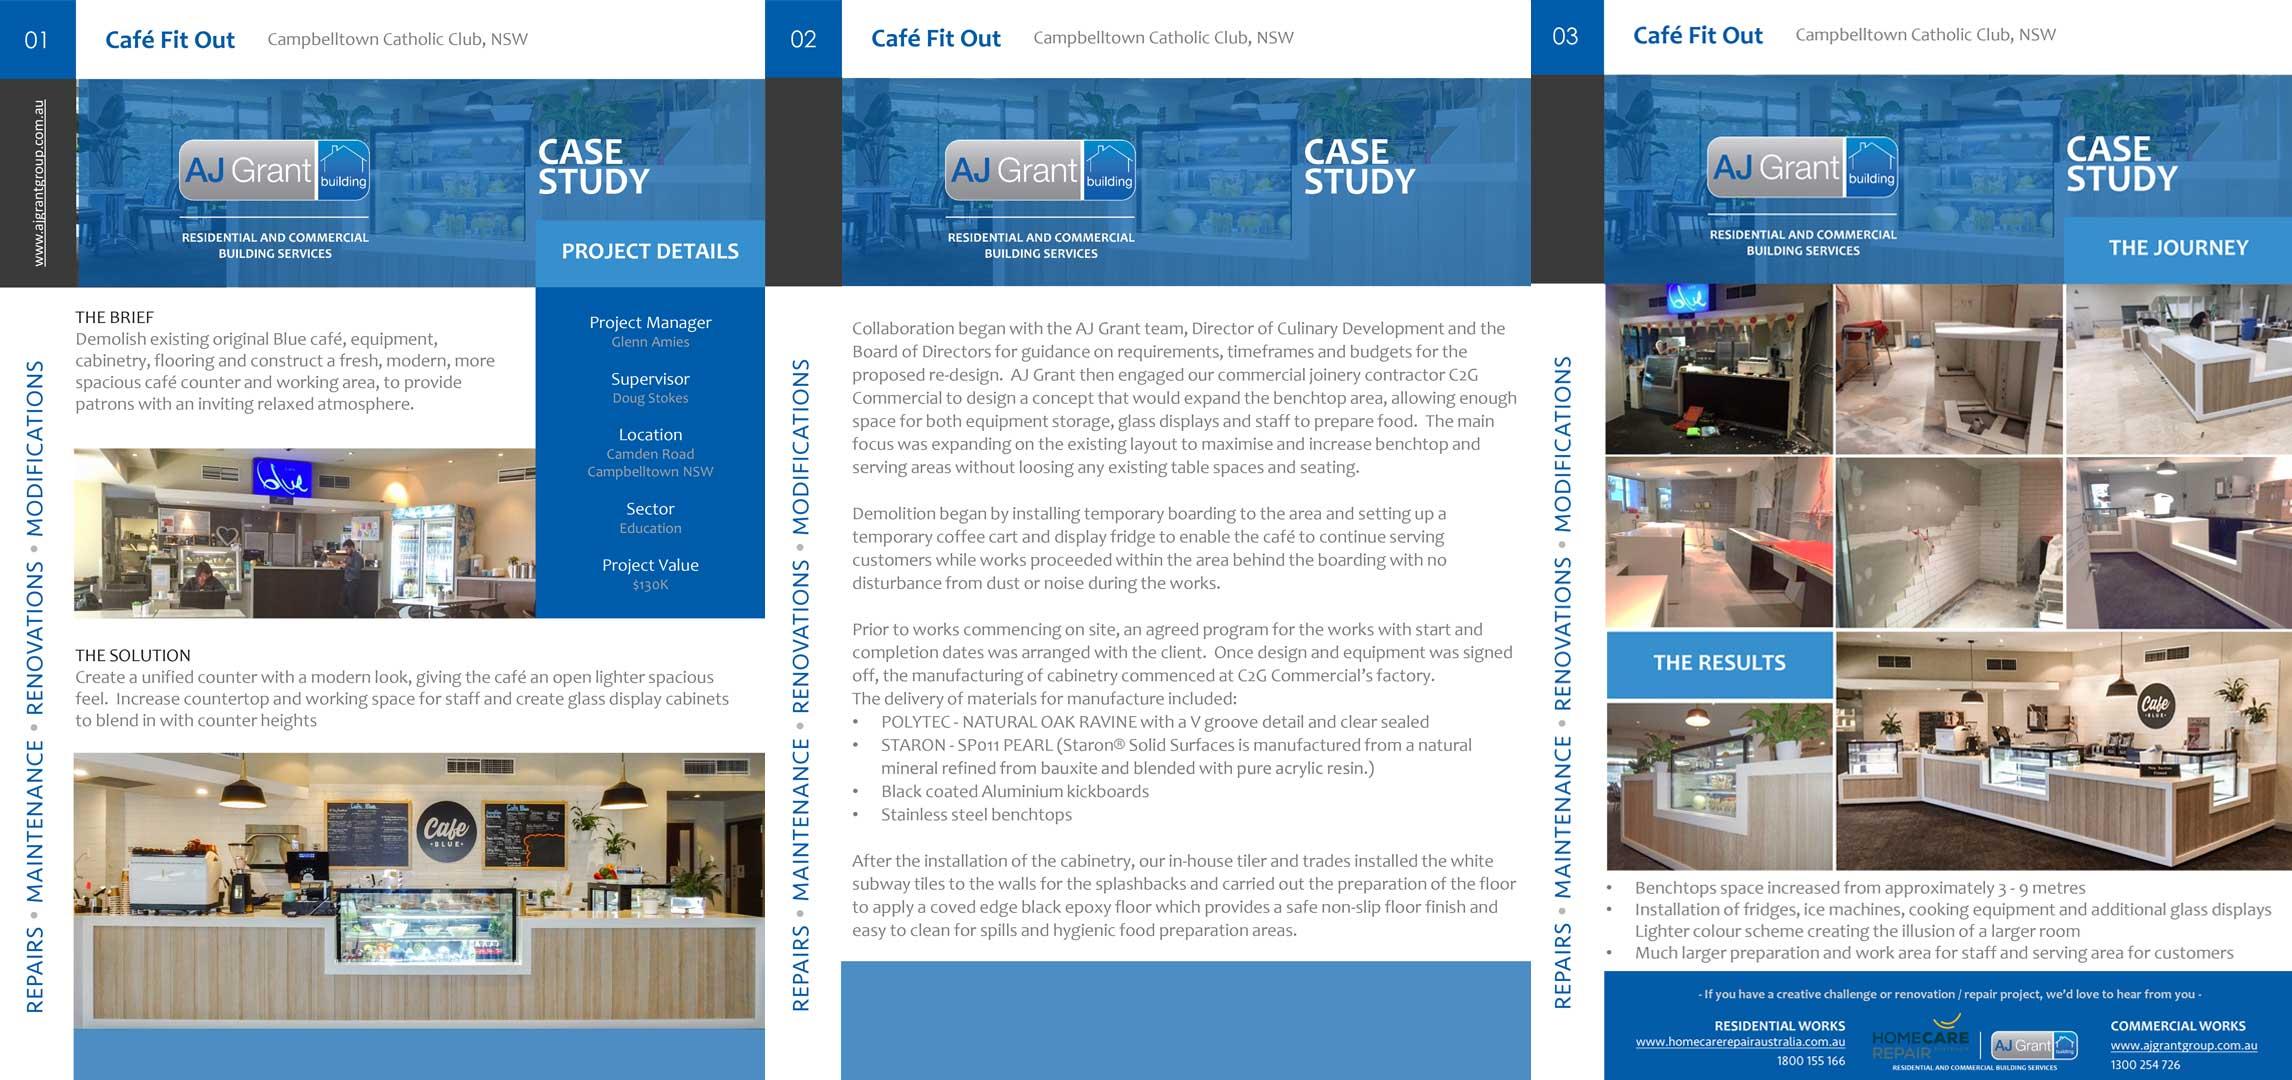 Case Study Cafe